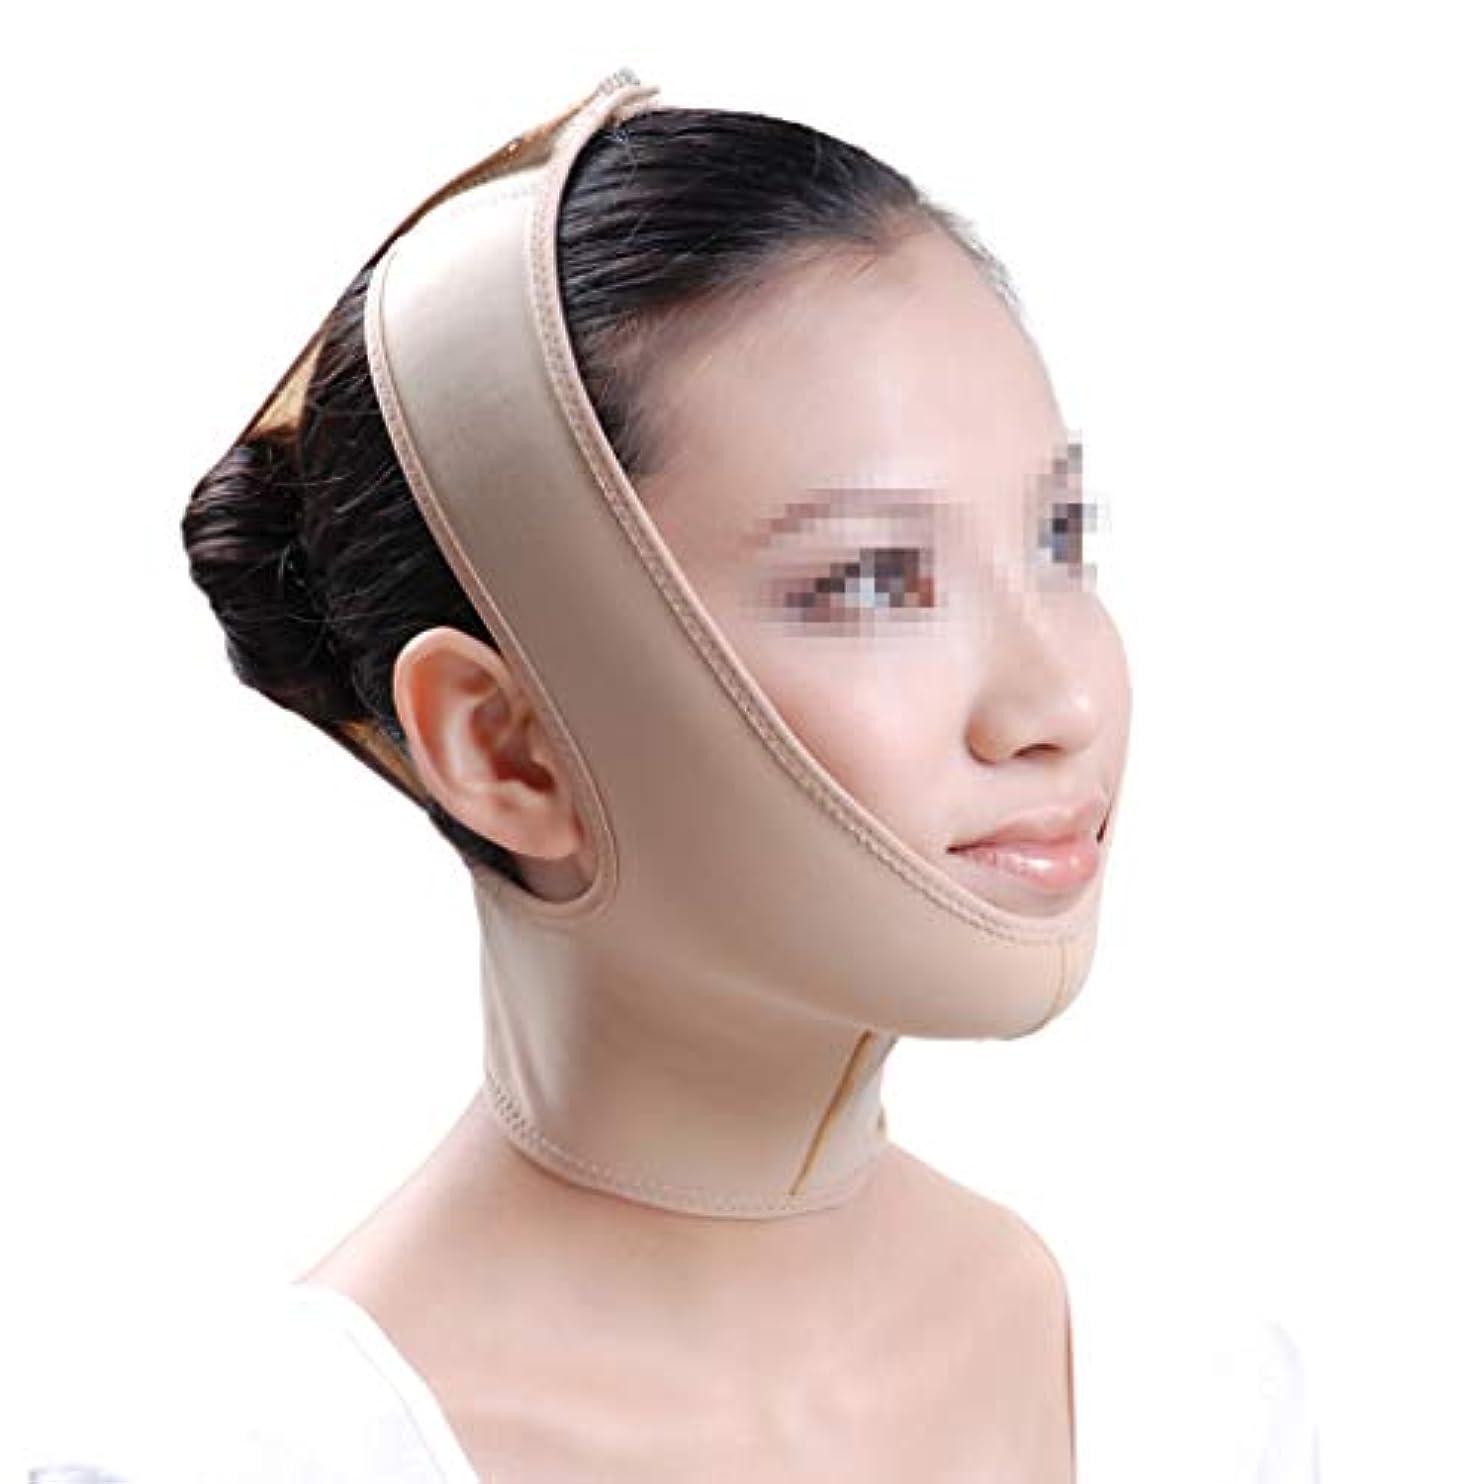 キノコを除く代数的フェイスリフトマスク、ジョーネックスリーブネックダブルチンフェイス医療脂肪吸引術創傷フェイスマスクヘッド弾性スリーブ (Size : S)